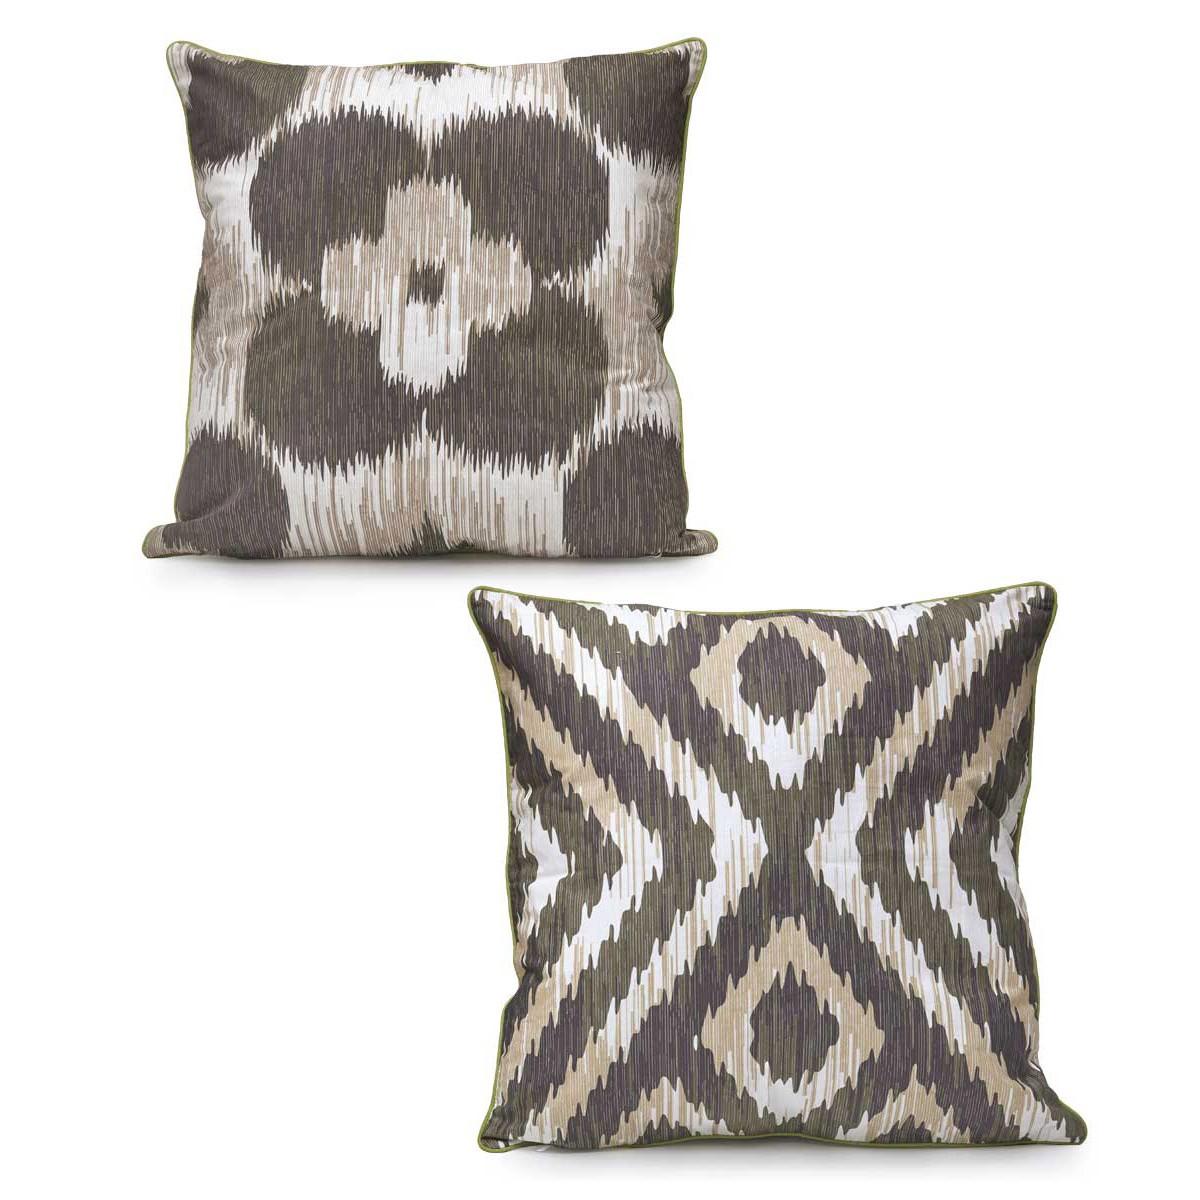 Διακοσμητική Μαξιλαροθήκη 2 Όψεων Kentia Loft 1434 home   κρεβατοκάμαρα   διακοσμητικά μαξιλάρια